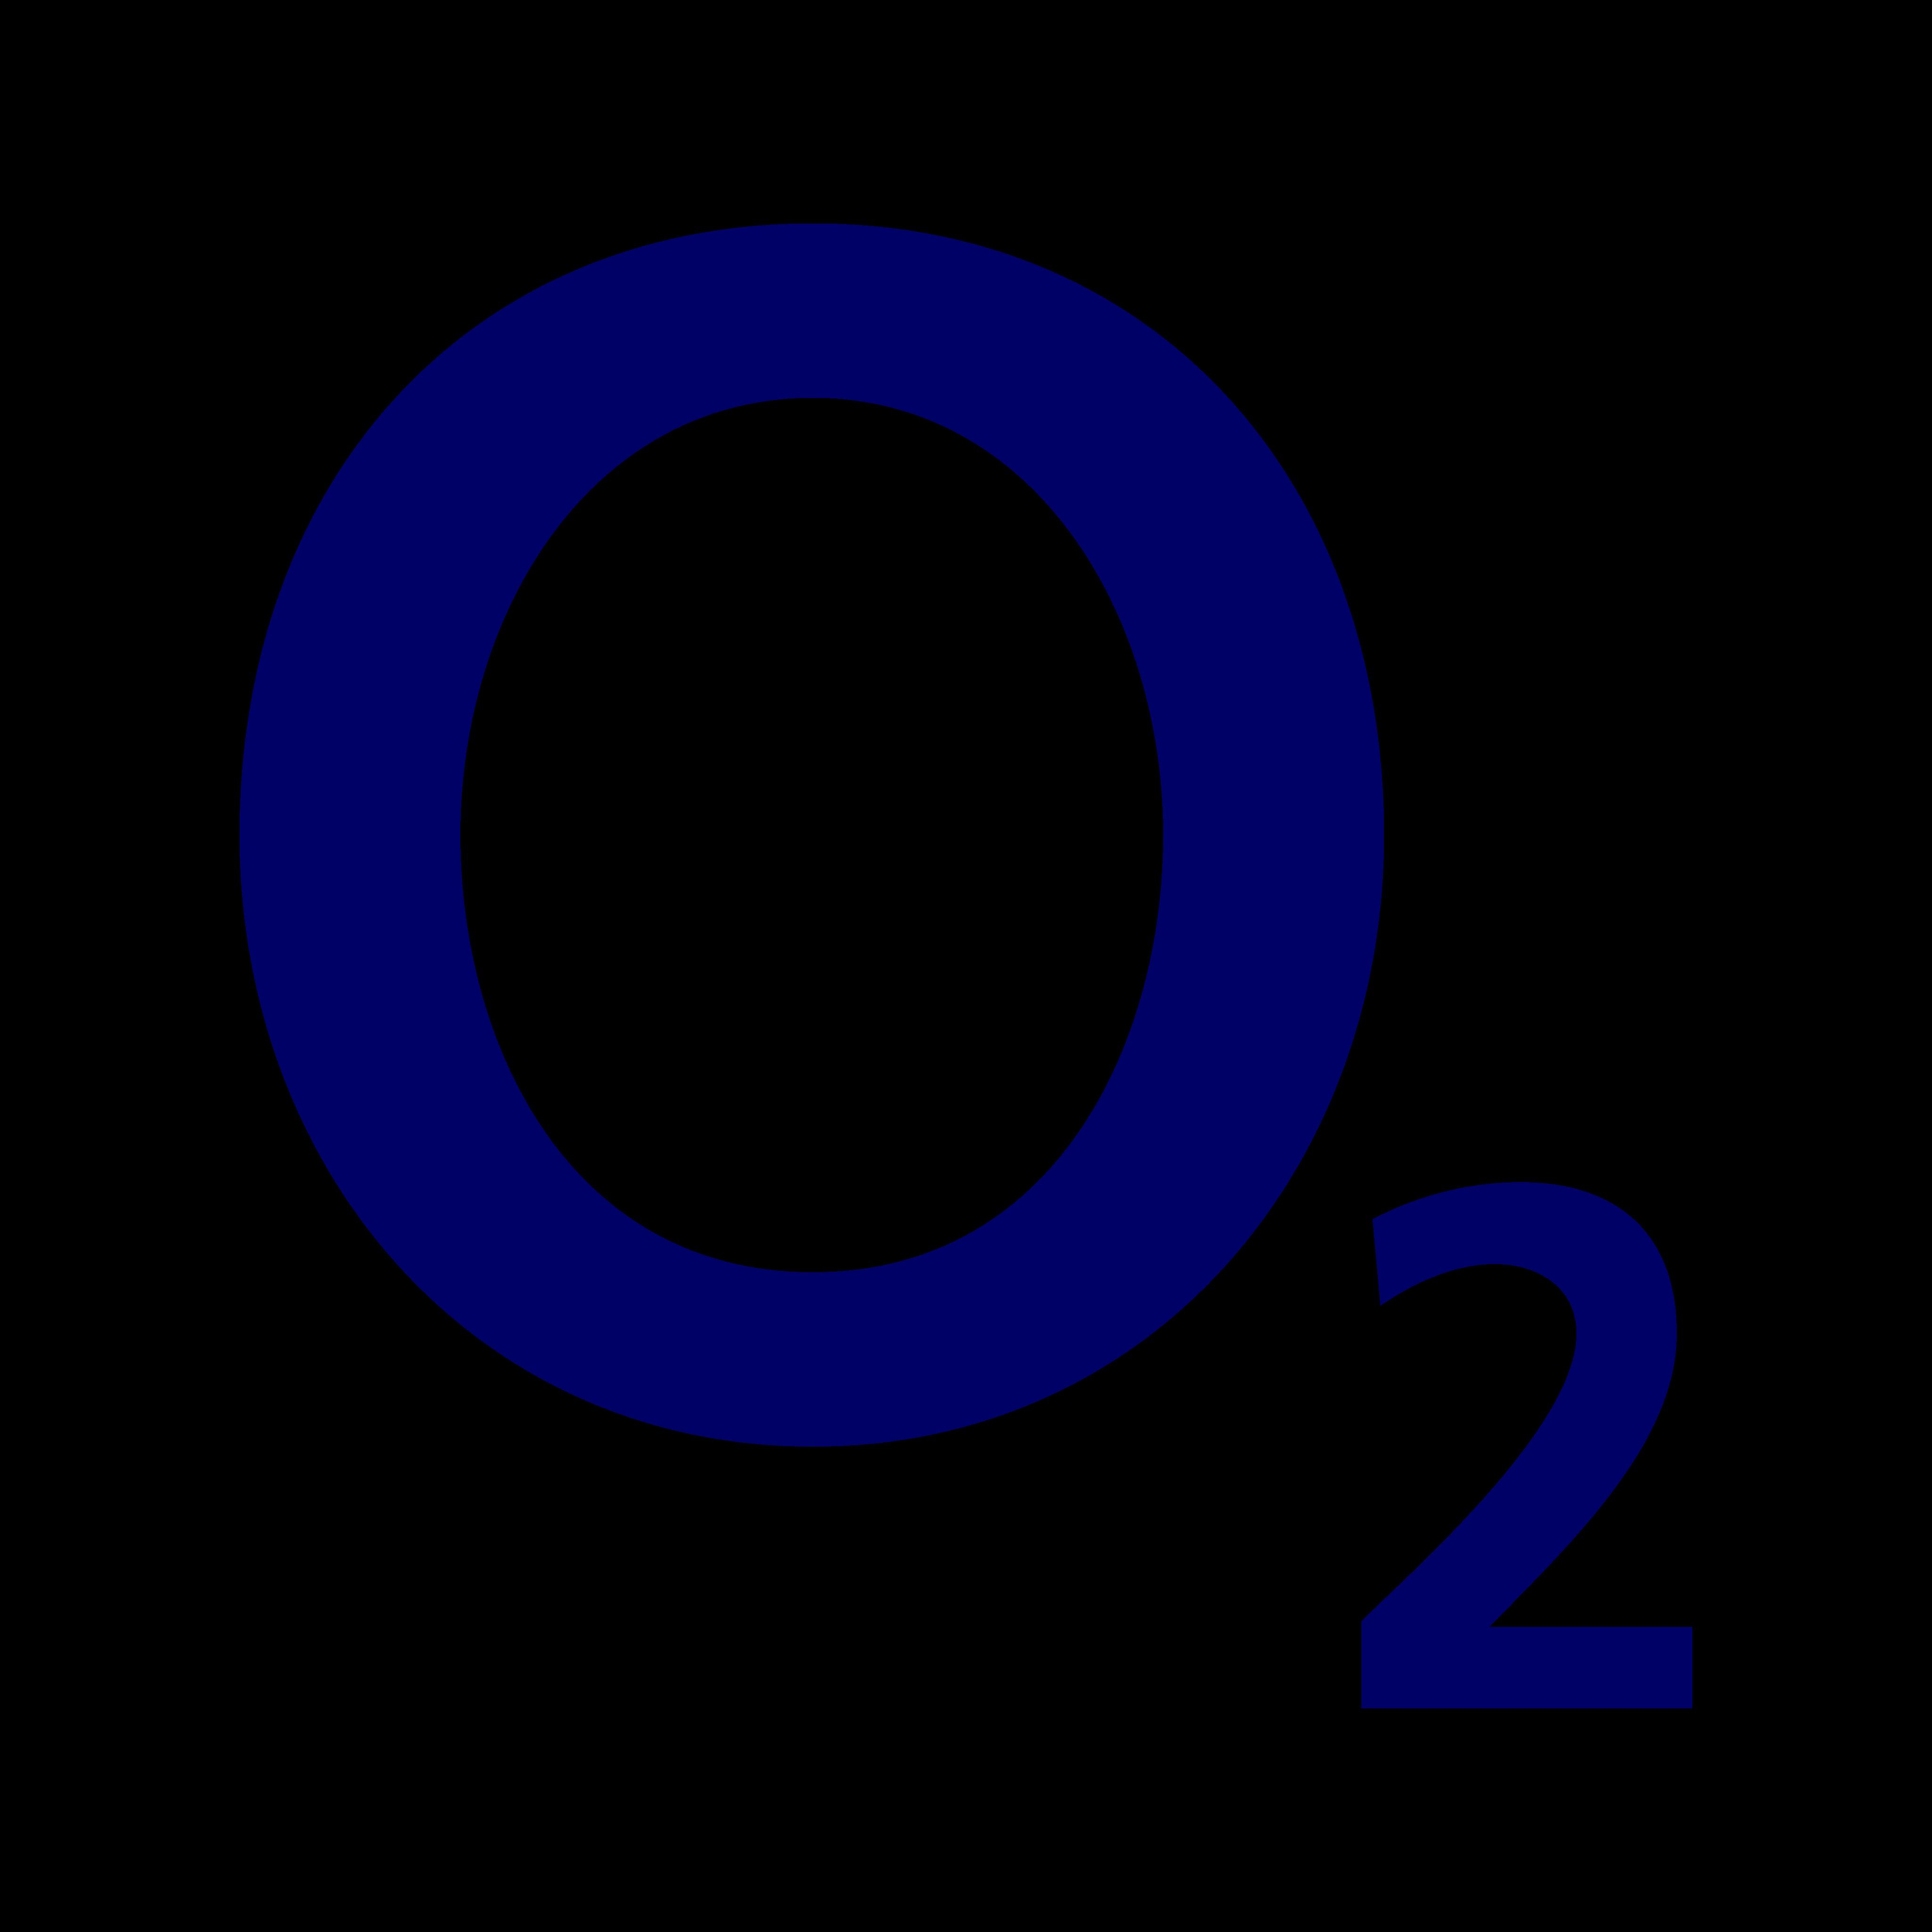 o2 logo 0 - O2 Logo